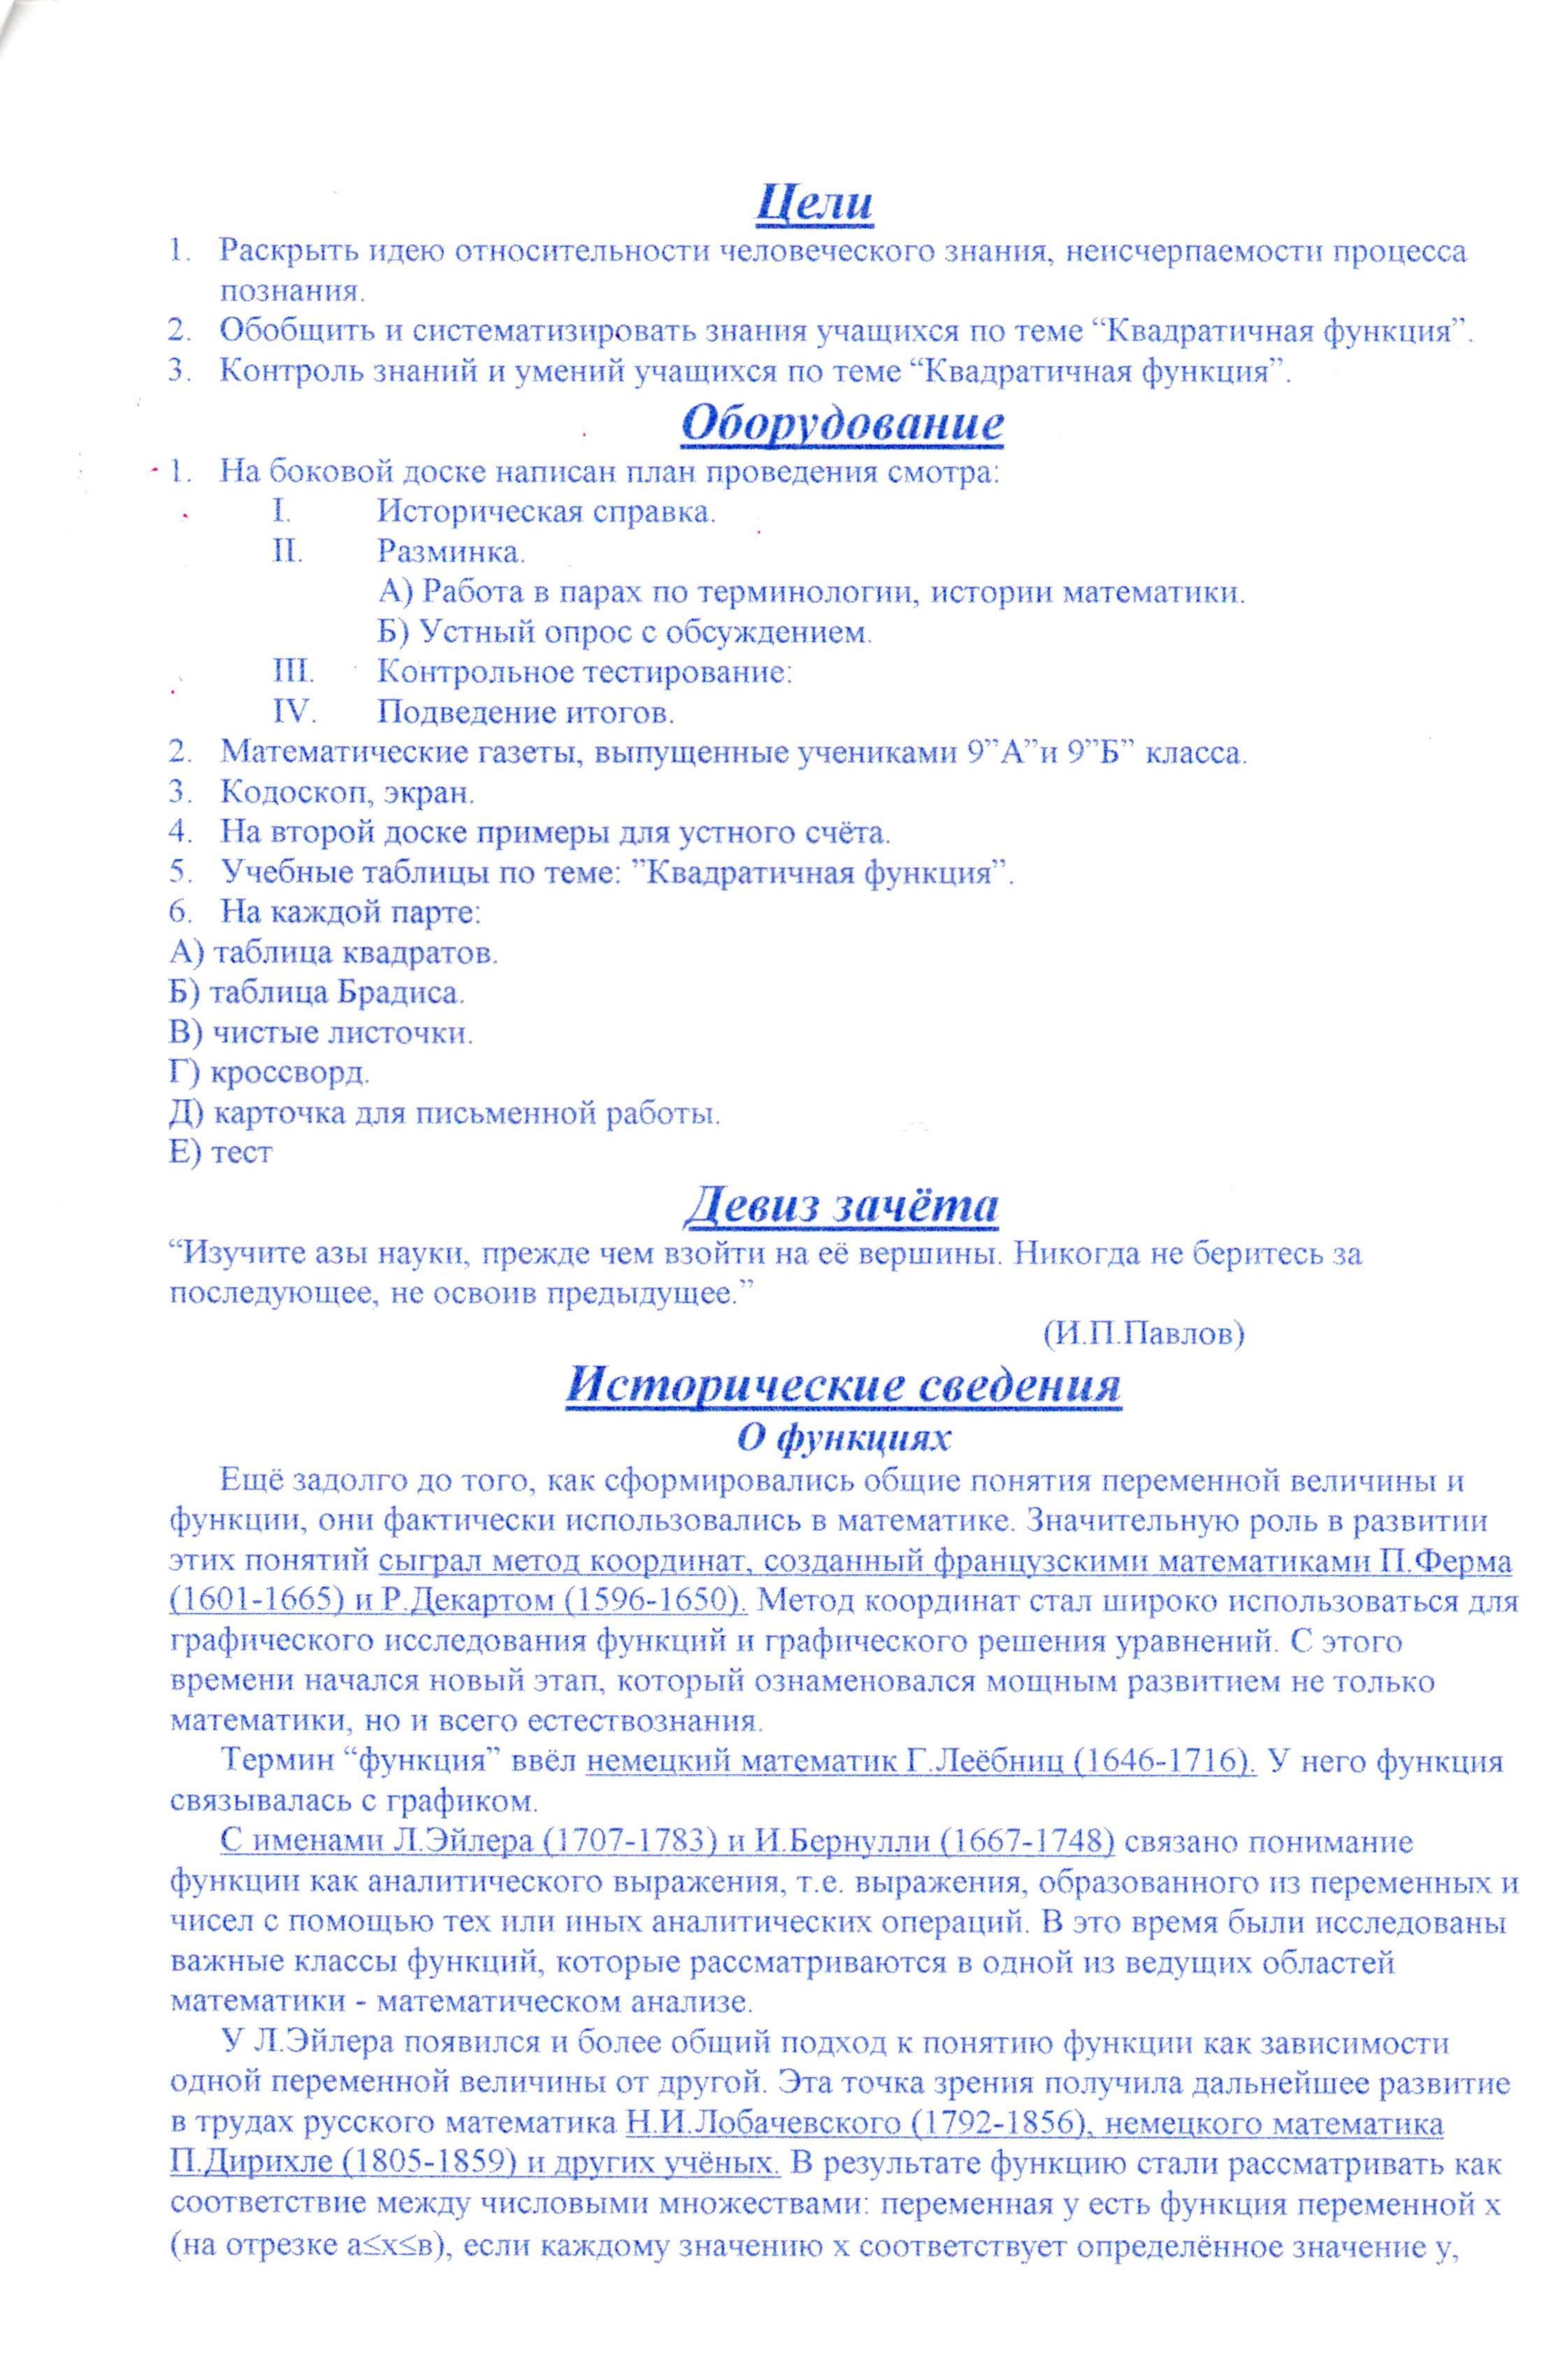 C:\Users\HP\Desktop\img005 (2).jpg